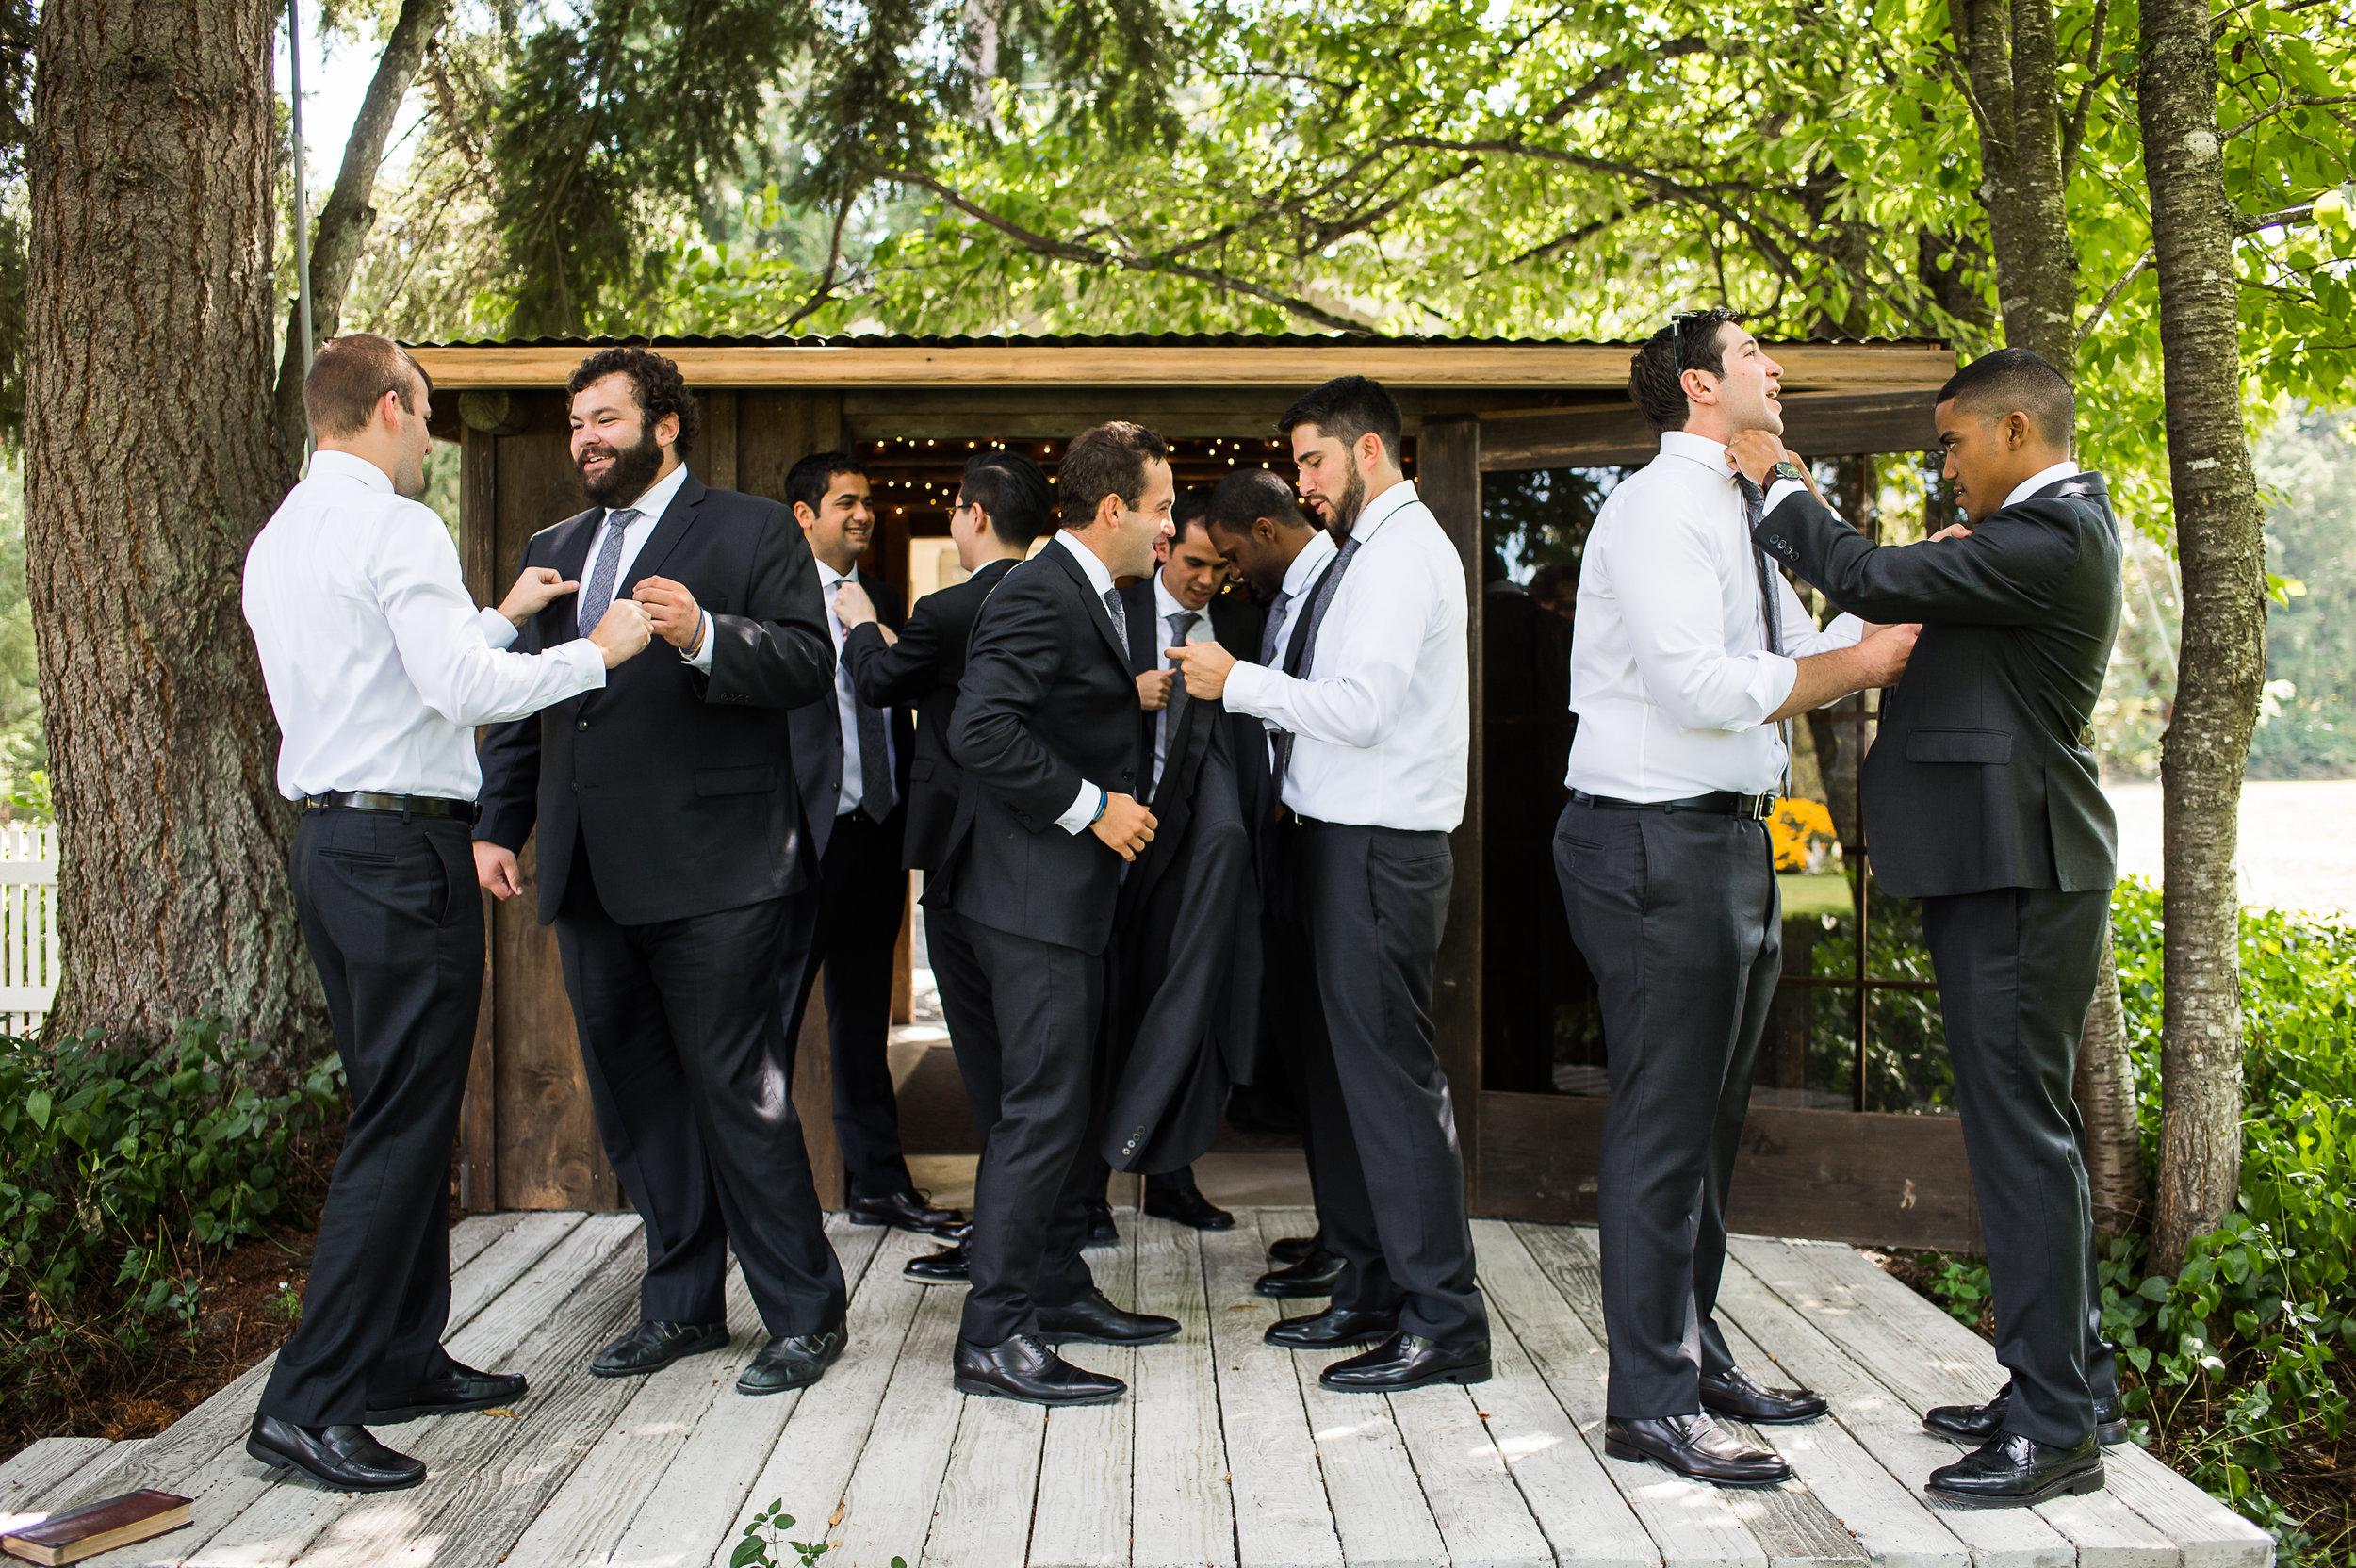 HA-wedding-Van-Wyhe-Photography-076.jpg